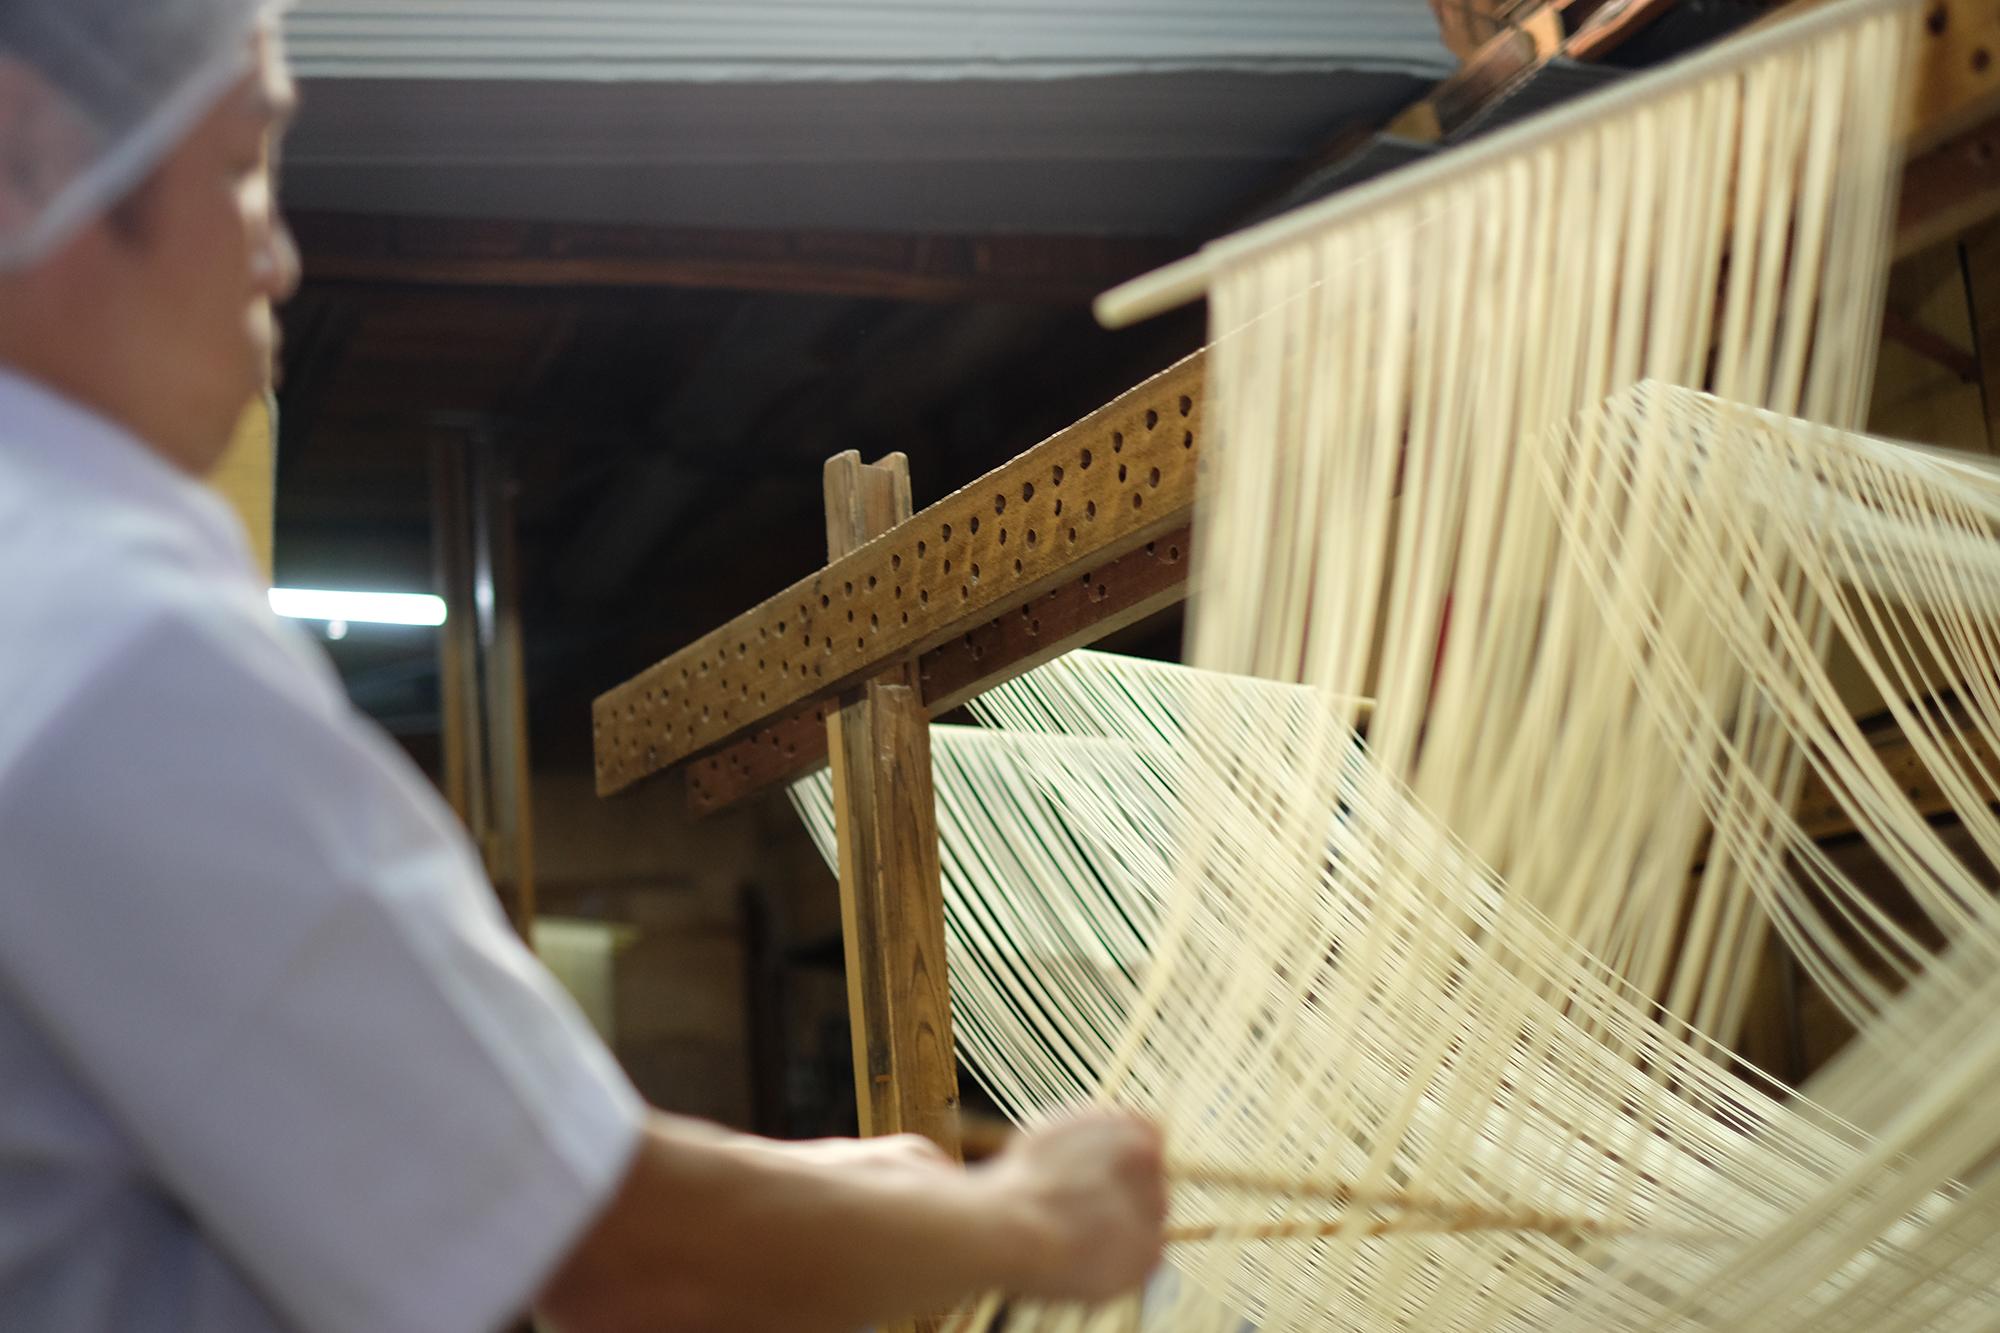 淡路島に残る、すべて自社工房による古式伝統の手づくり素麺